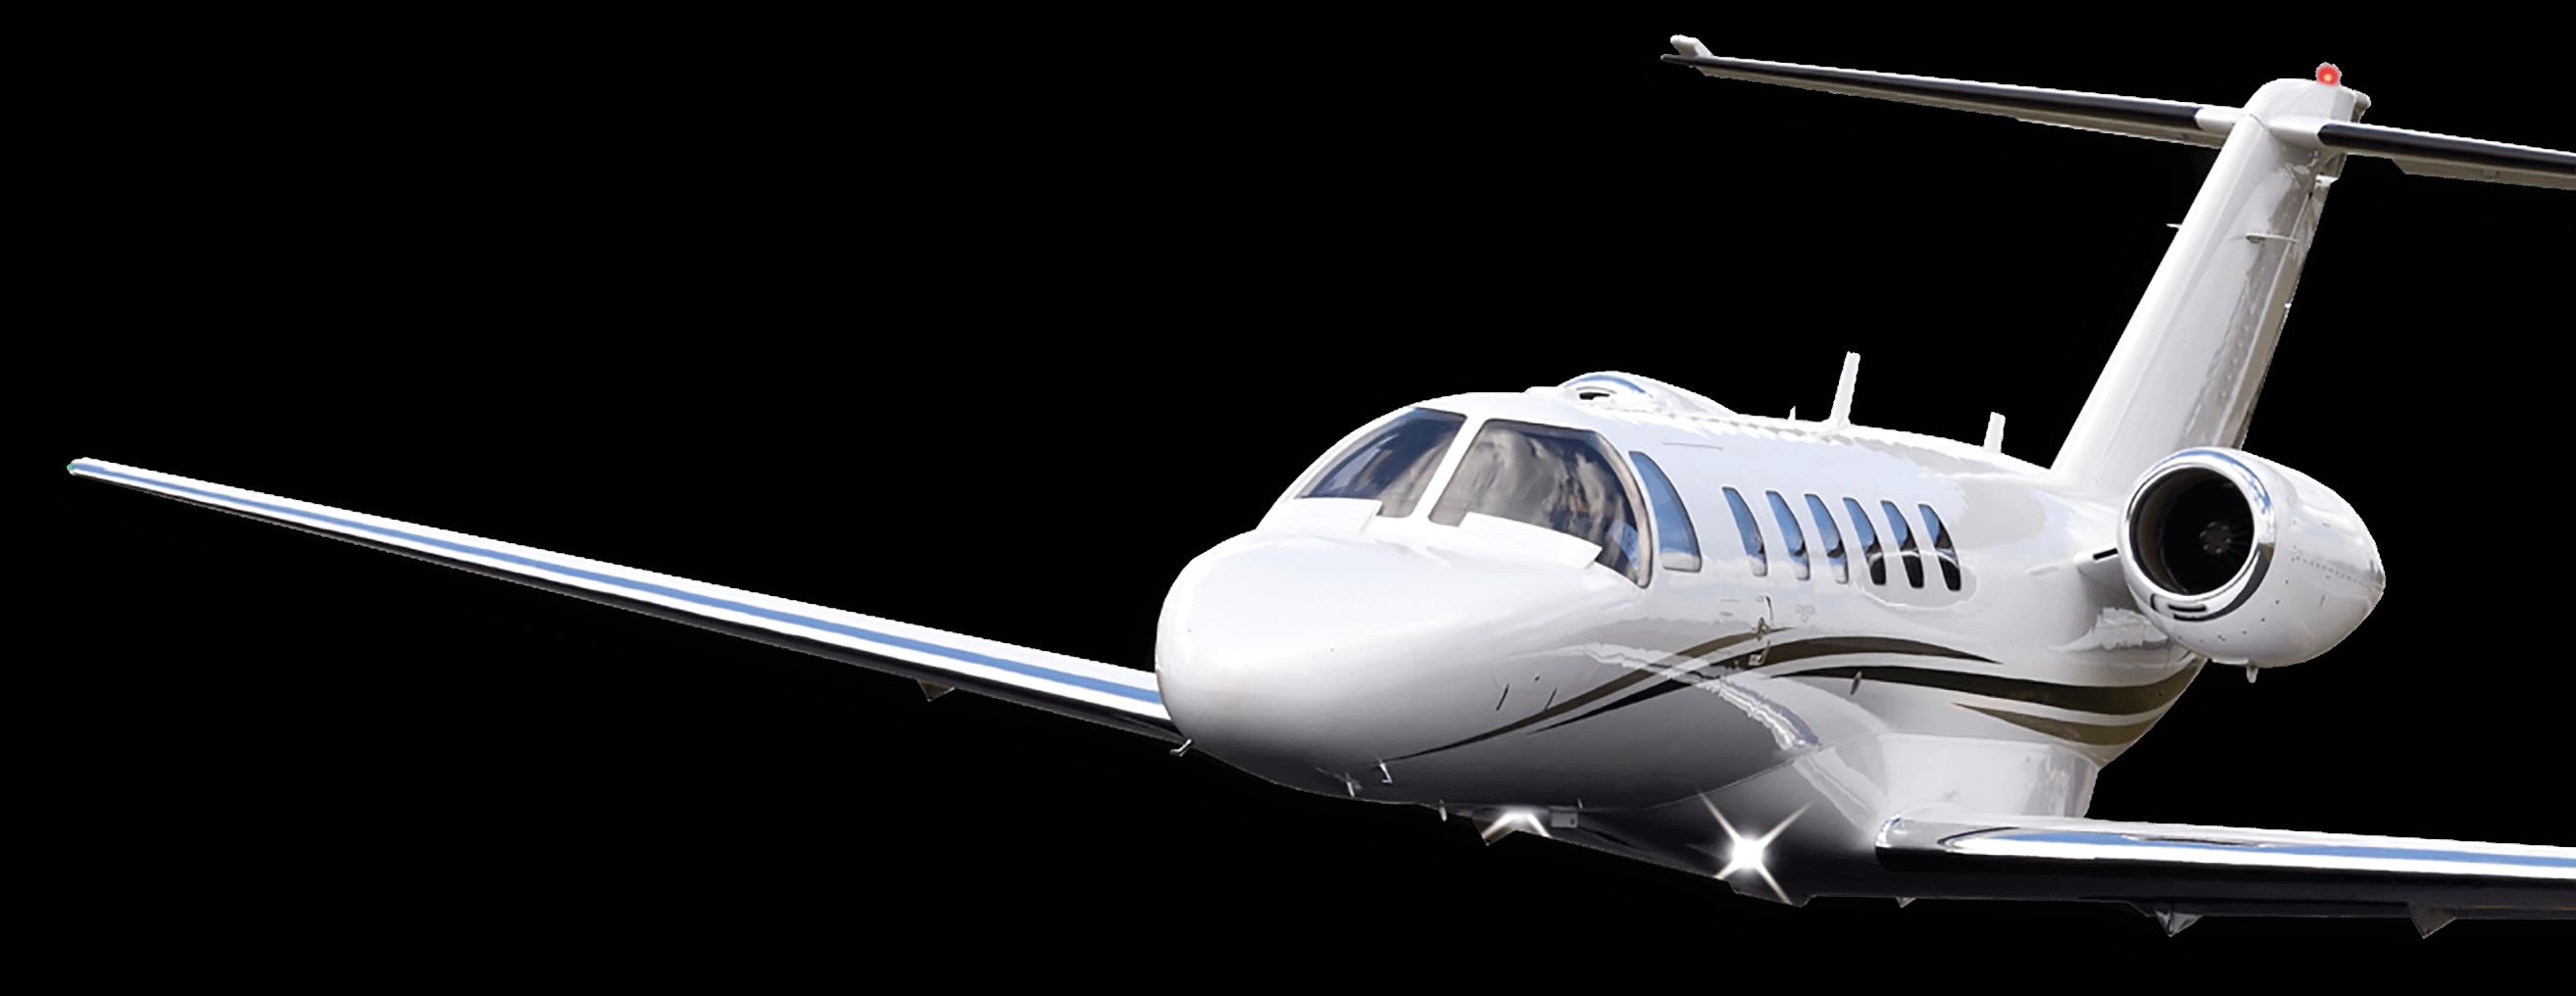 kirkland-aero_plane_2